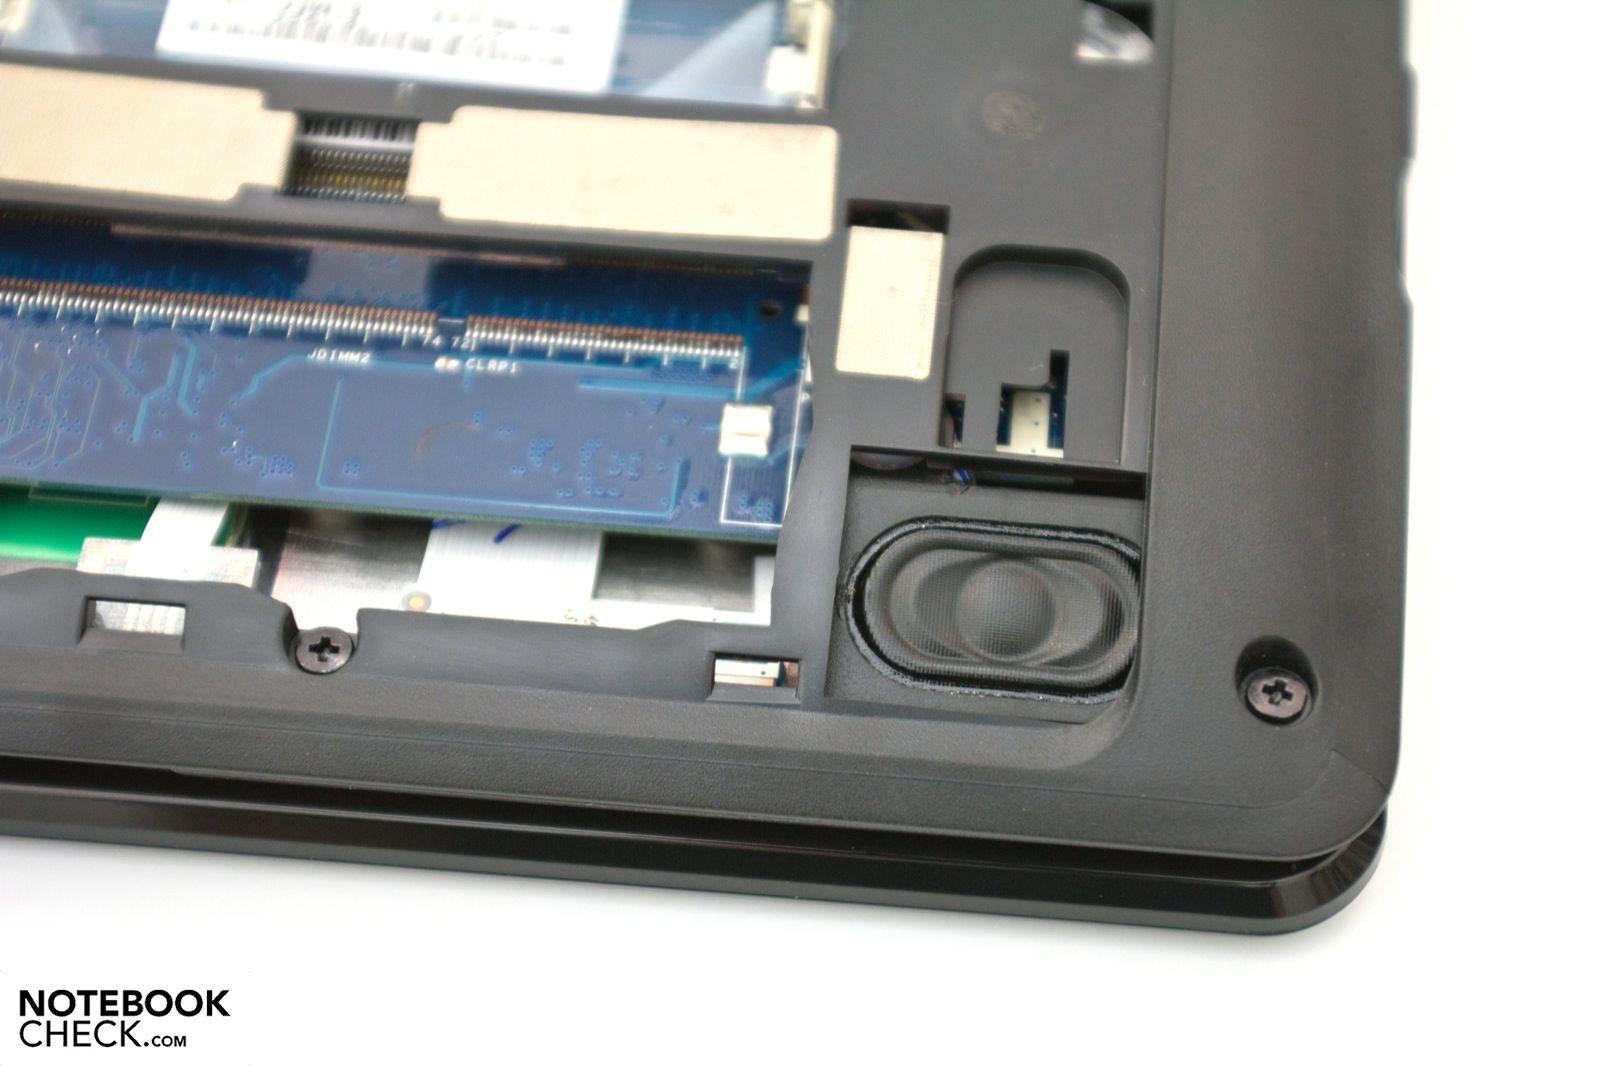 Драйвер для сканера epson 1270 скачать бесплатно